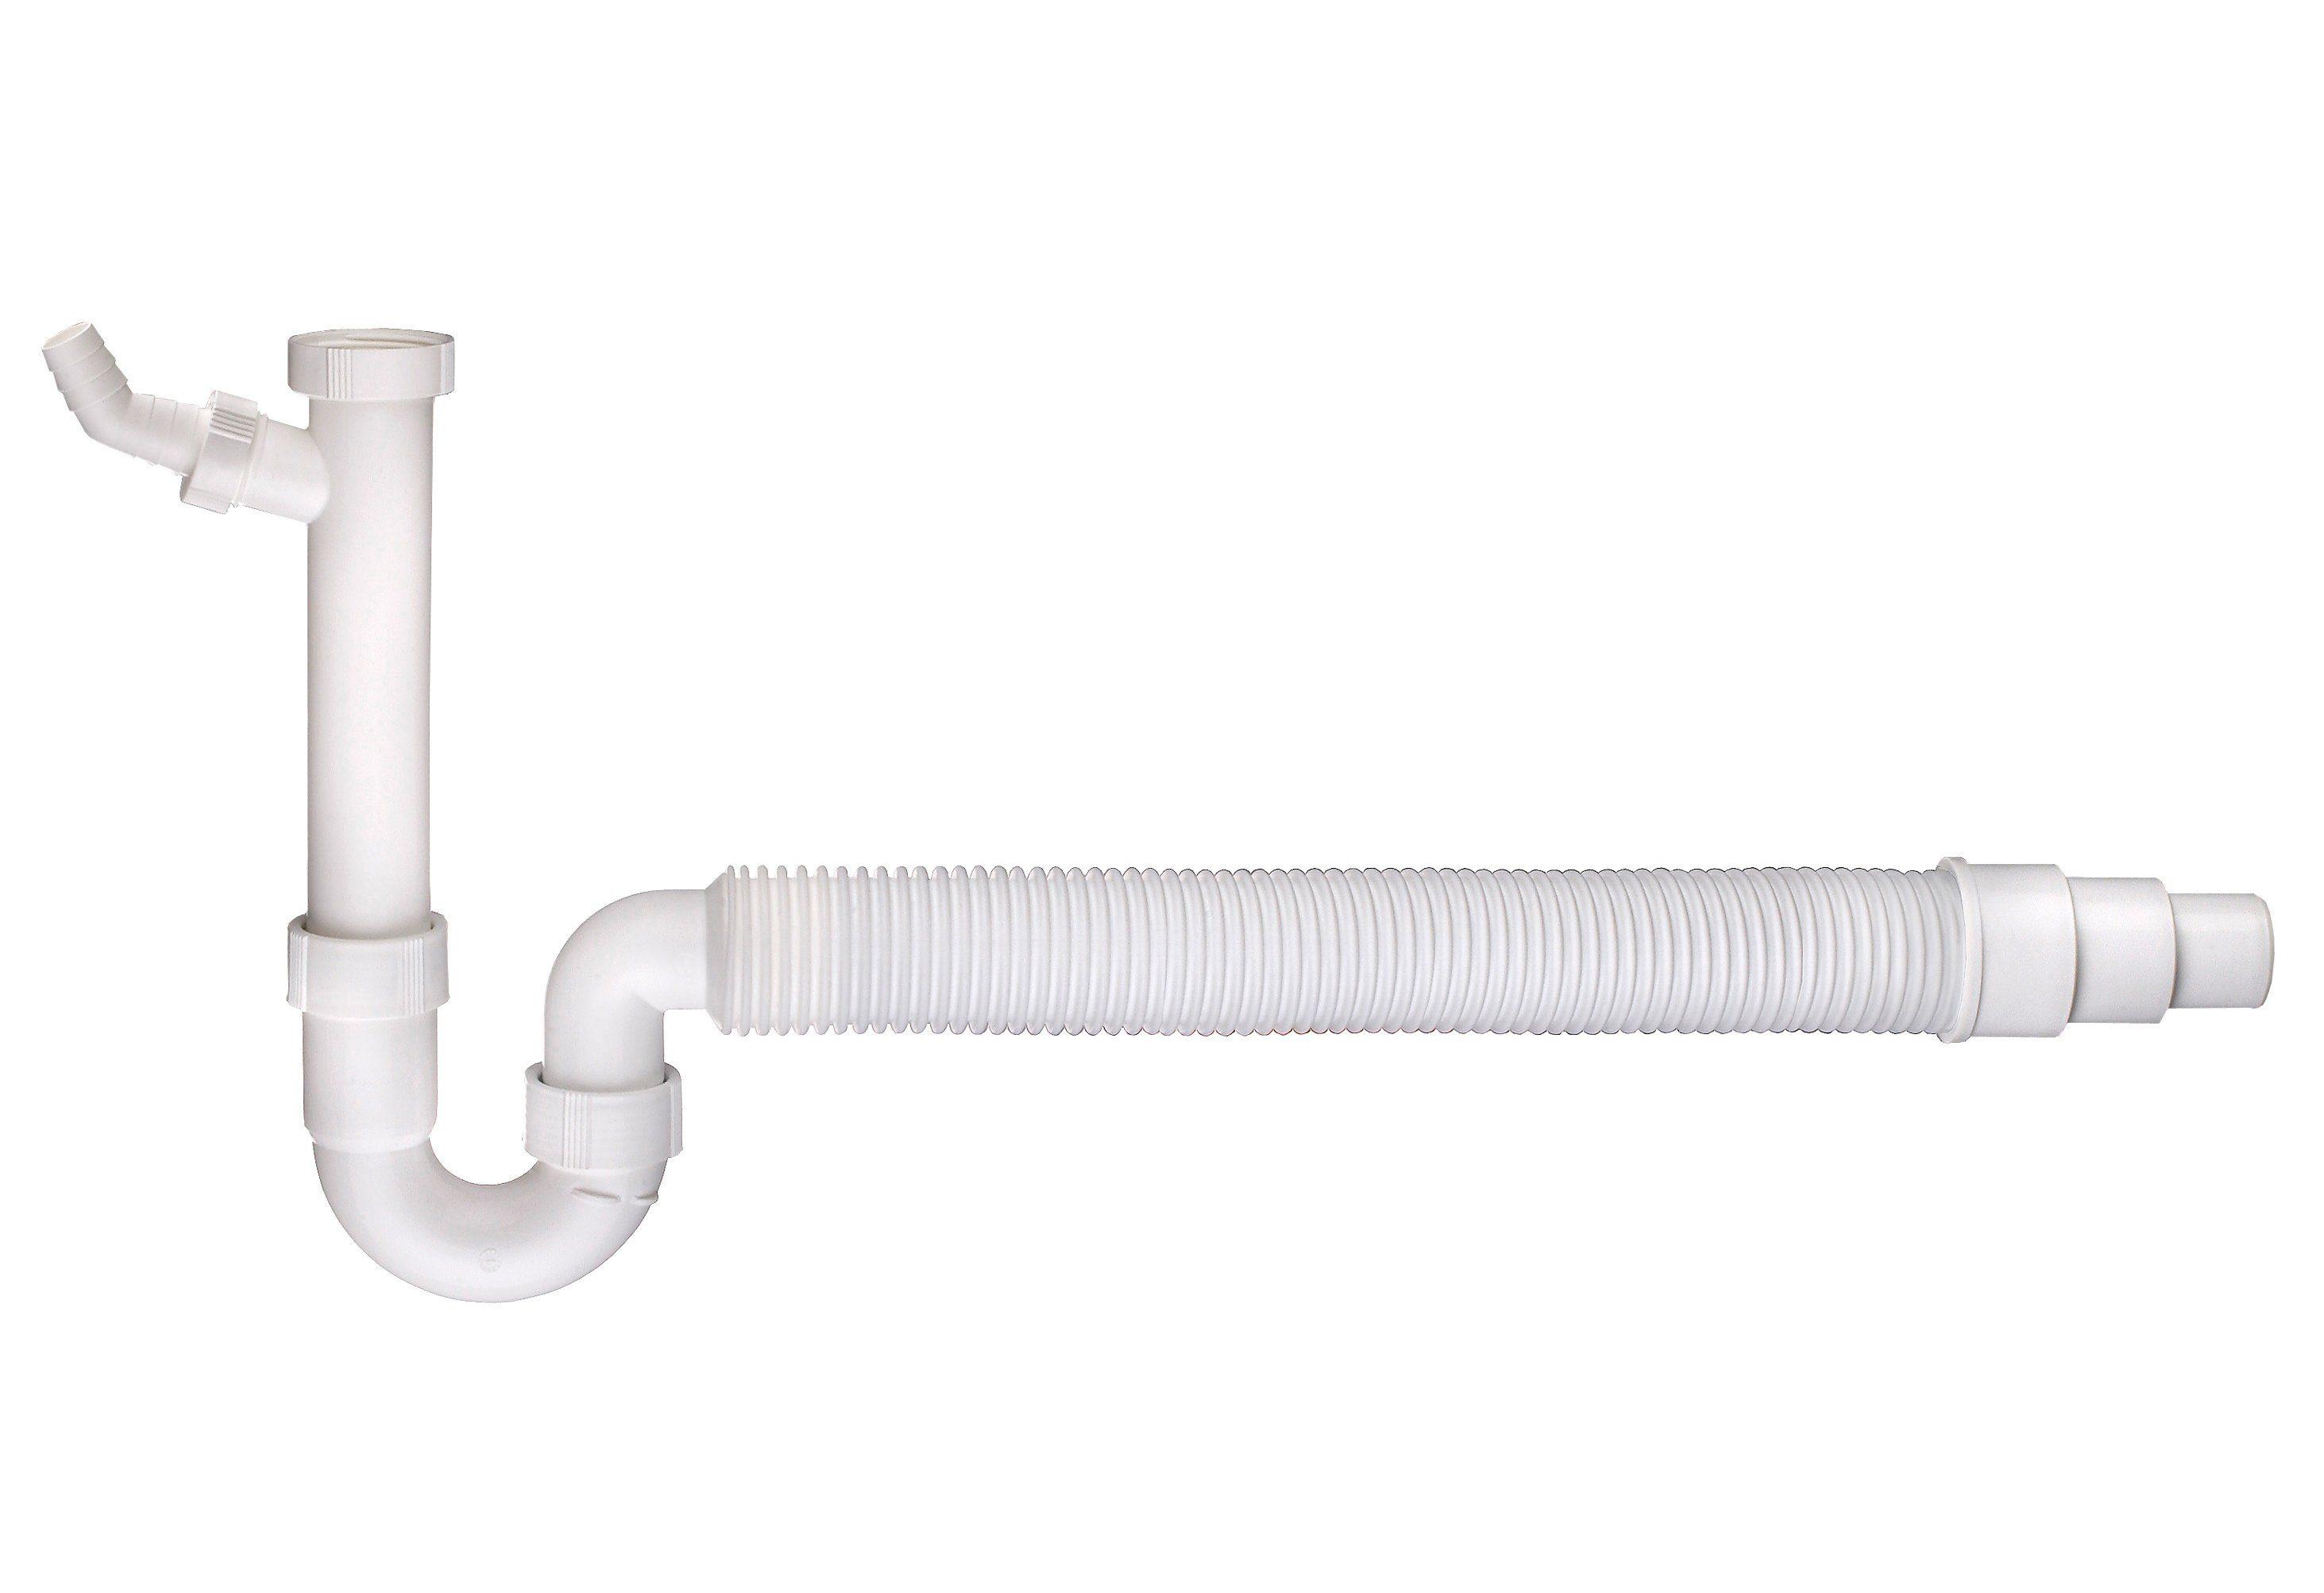 Set: Sanitärarmaturenzubehör